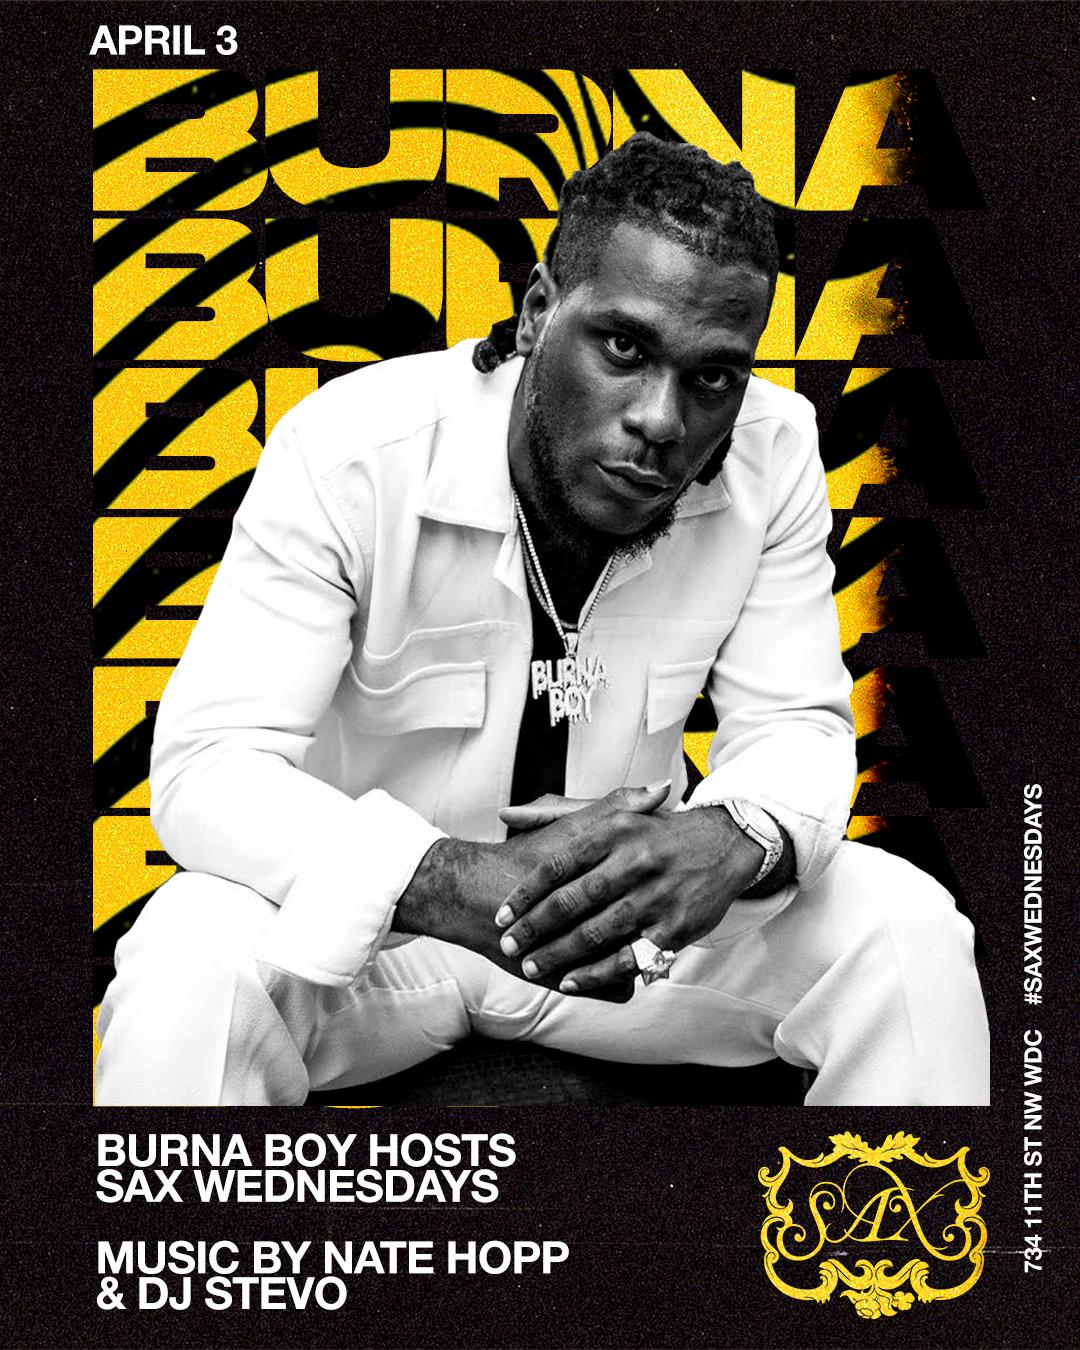 Burna-Boy-1.jpg